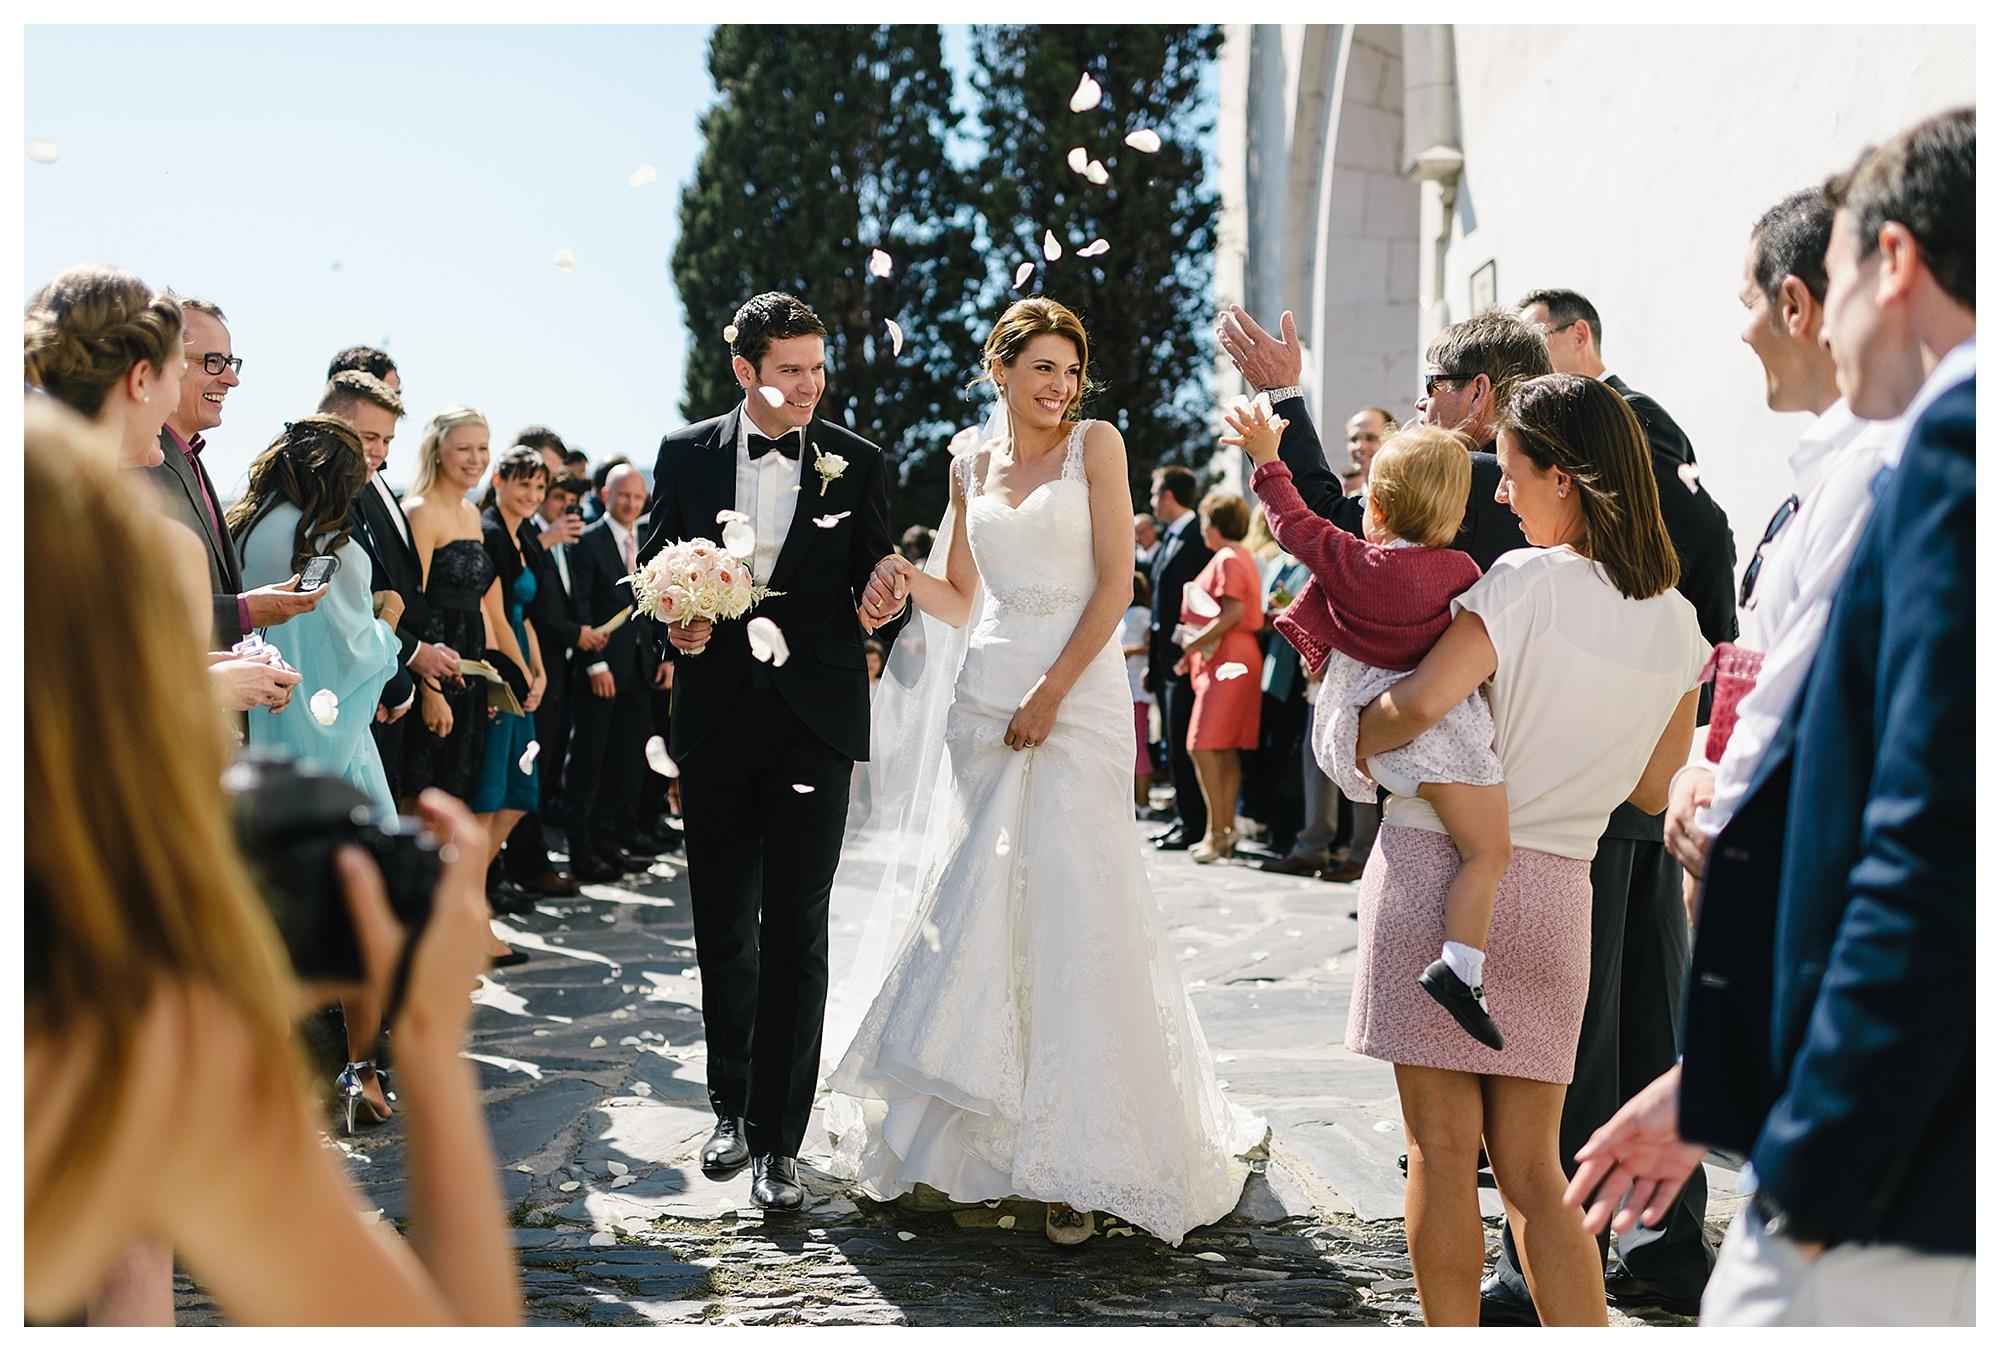 Fotograf Konstanz - Best of 2014 Elmar Feuerbacher Photography Hochzeit Portrait 009 - Rückblick auf 2014  - 2 -